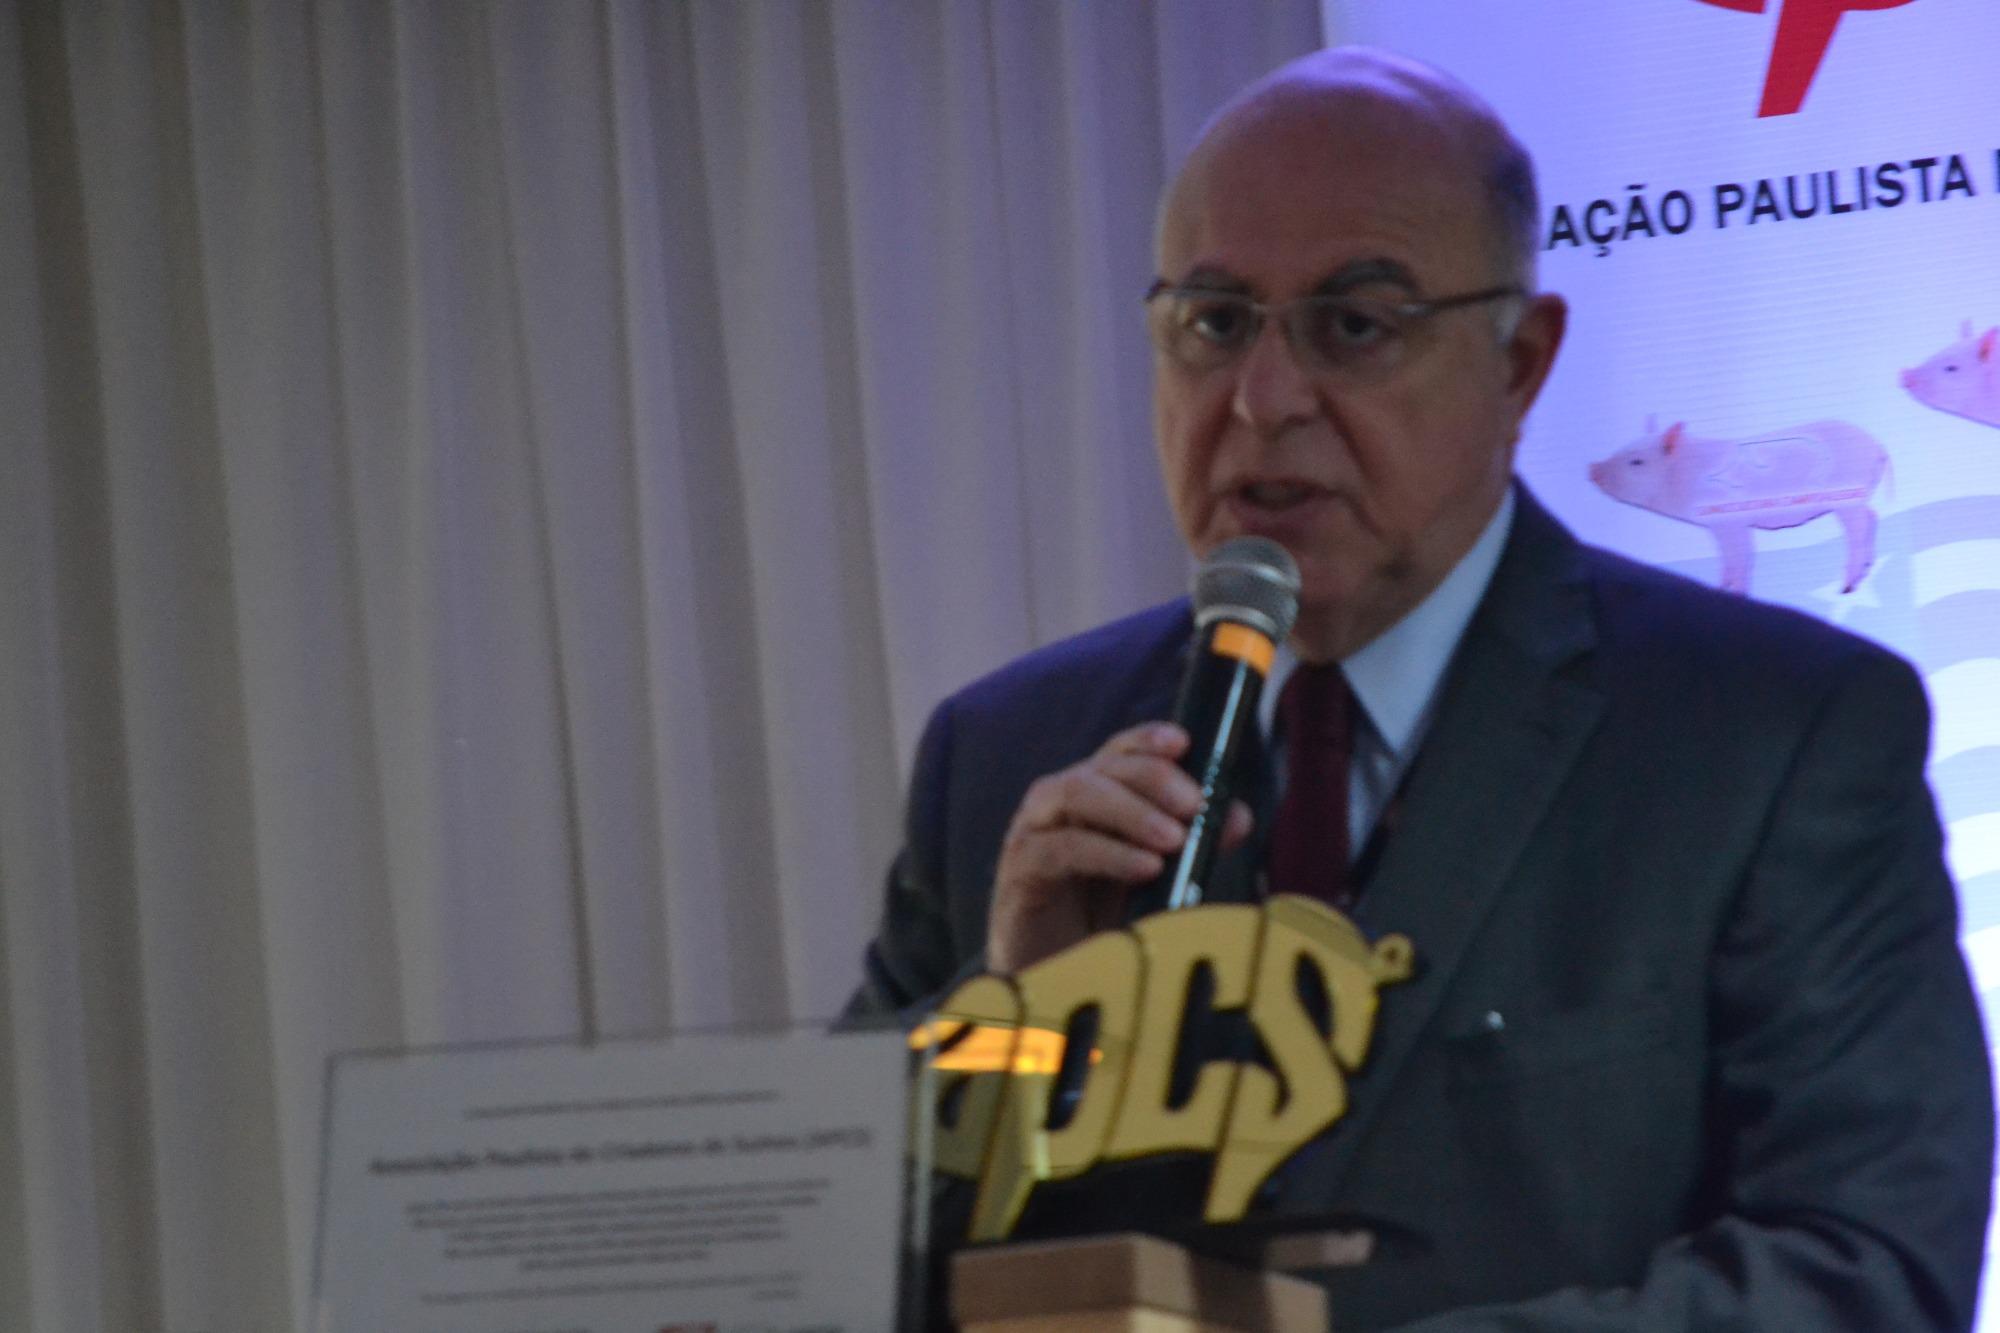 Valorizando as ações entre APCS e o Estado, Arnaldo Jardim fala sobre a importância da associação para São Paulo